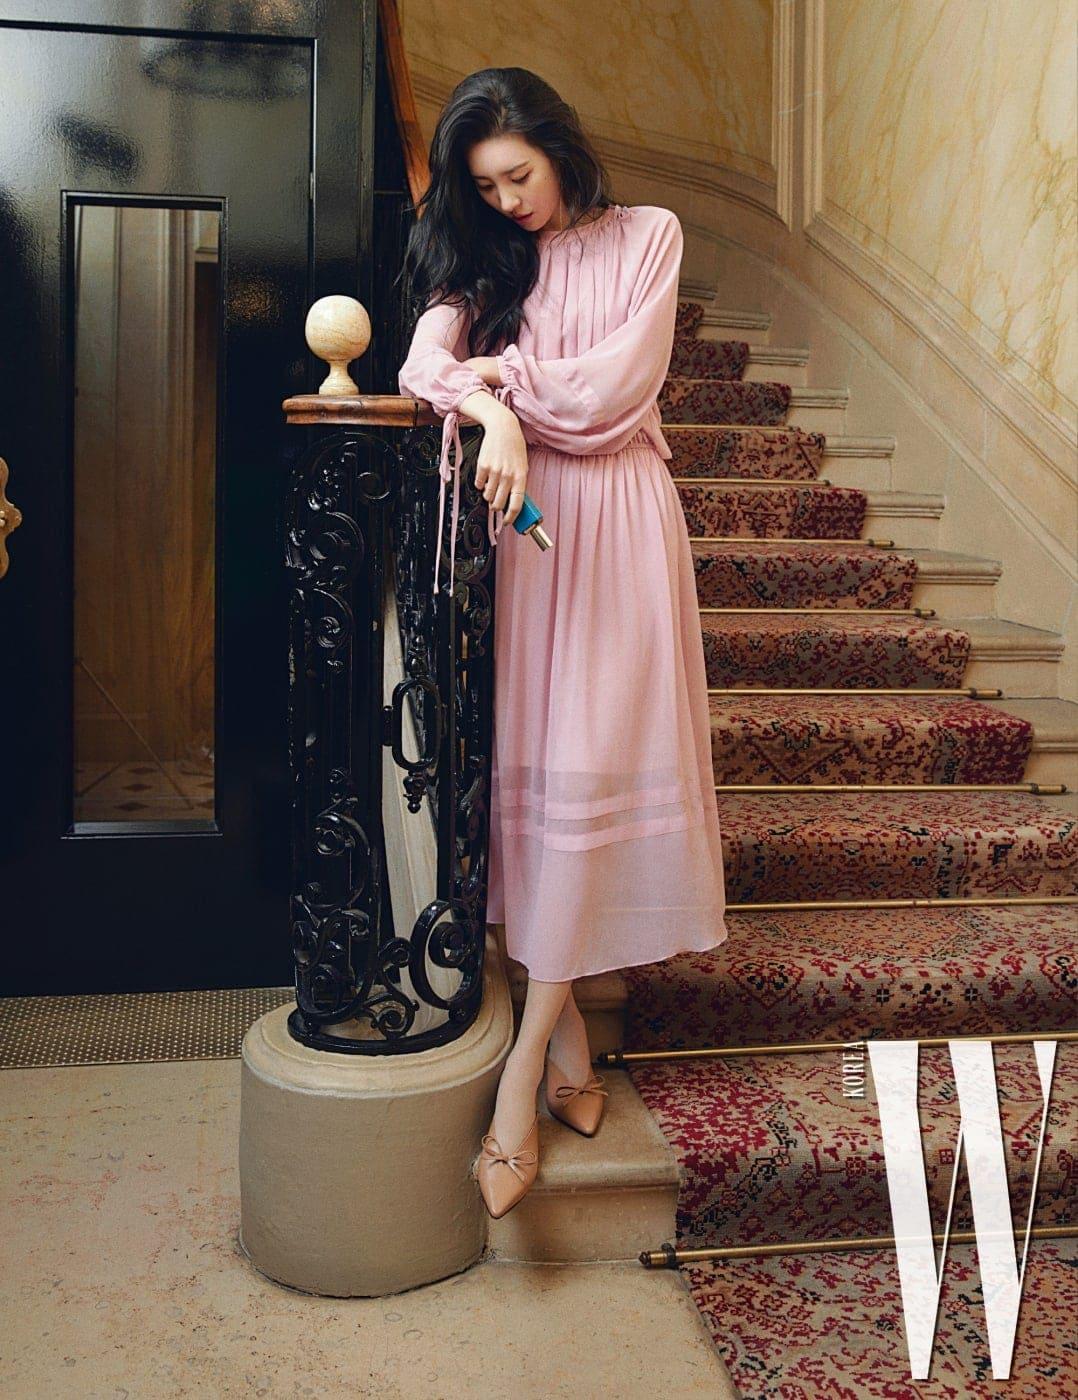 호텔에서 나가기 전 계단에서 마주친 선미의 손에는 그녀가 지난 파리 여행에서 찾아낸 아틀리에 코롱 향수가 들려 있다.